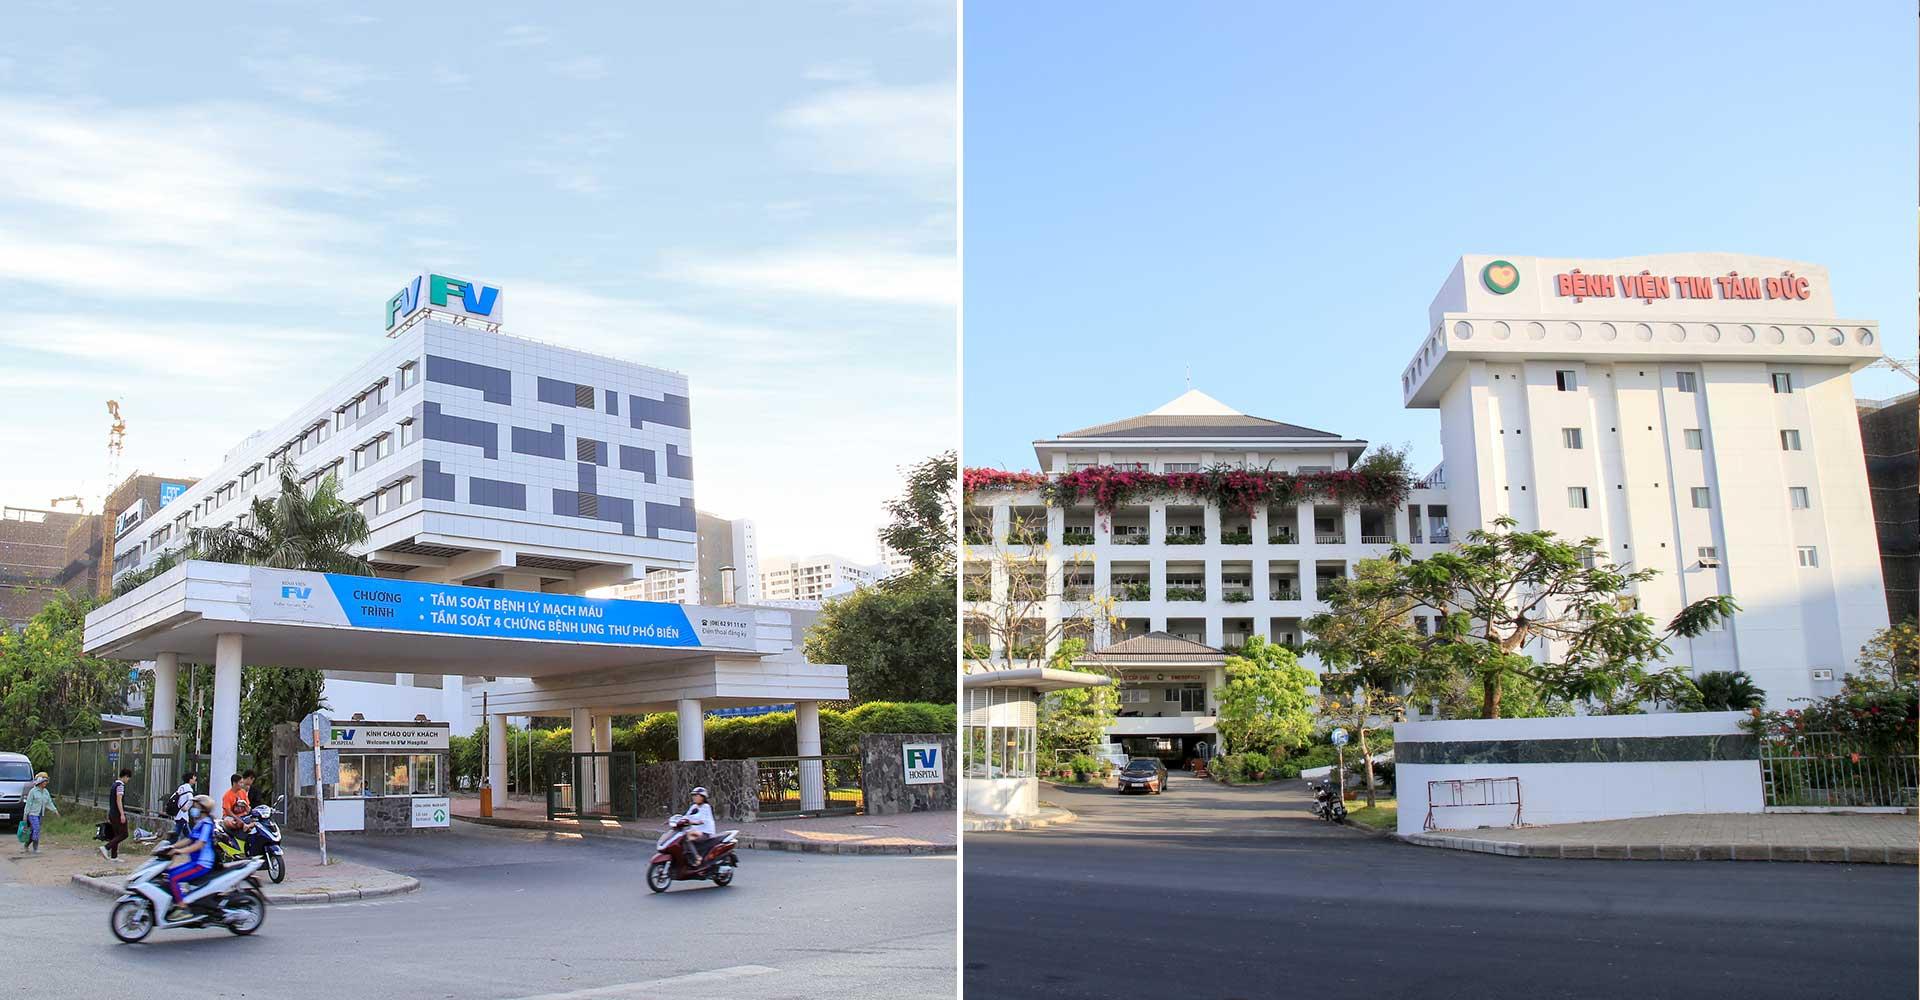 SaigonMia được xem là một trong rất ít dự án tại khu Trung Sơn sở hữu vị trí hiếm có khi tọa lạc tại đường Nguyễn Văn Cừ nối dài và có 3 mặt view sông